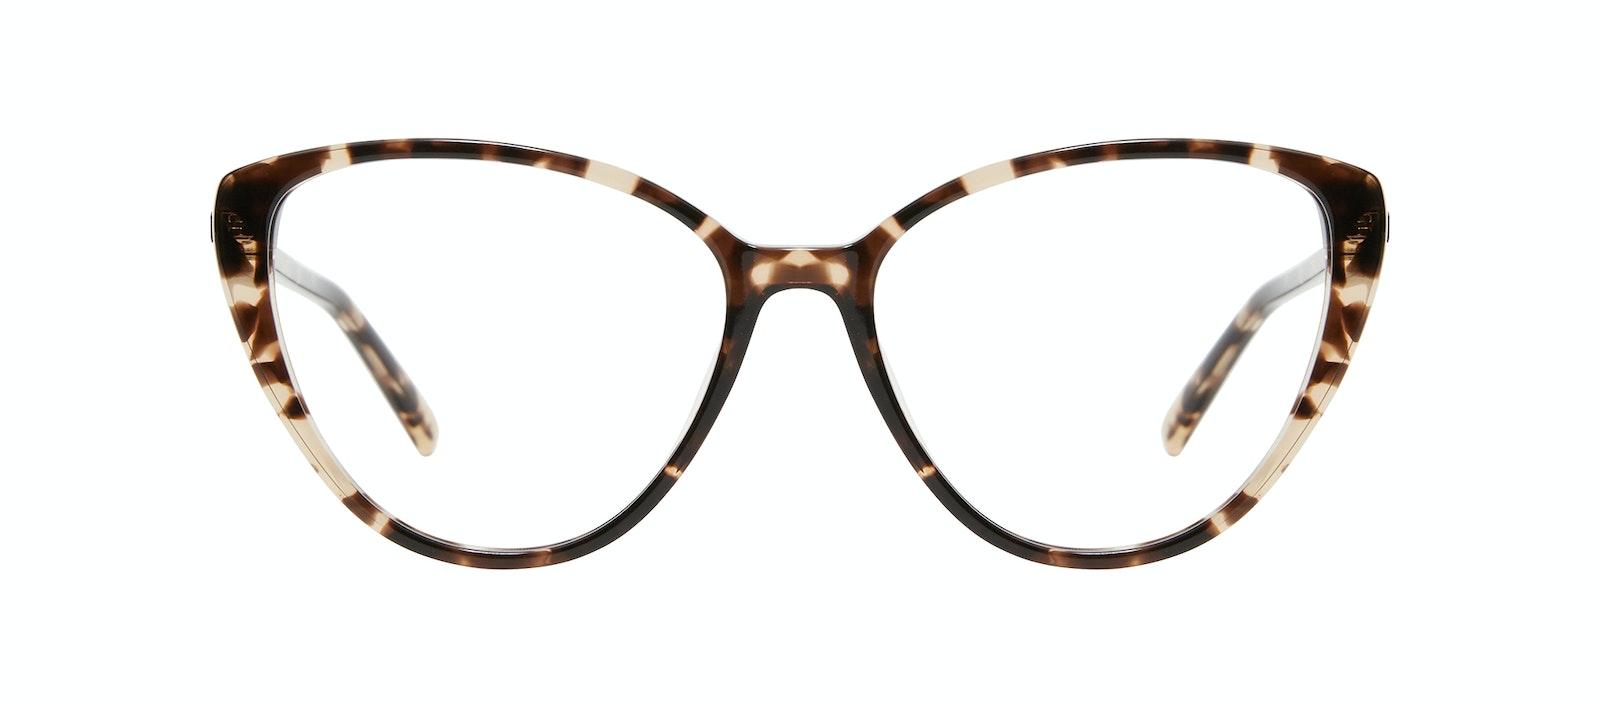 Lunettes tendance Oeil de chat Lunettes de vue Femmes Poise XS Leopard Face